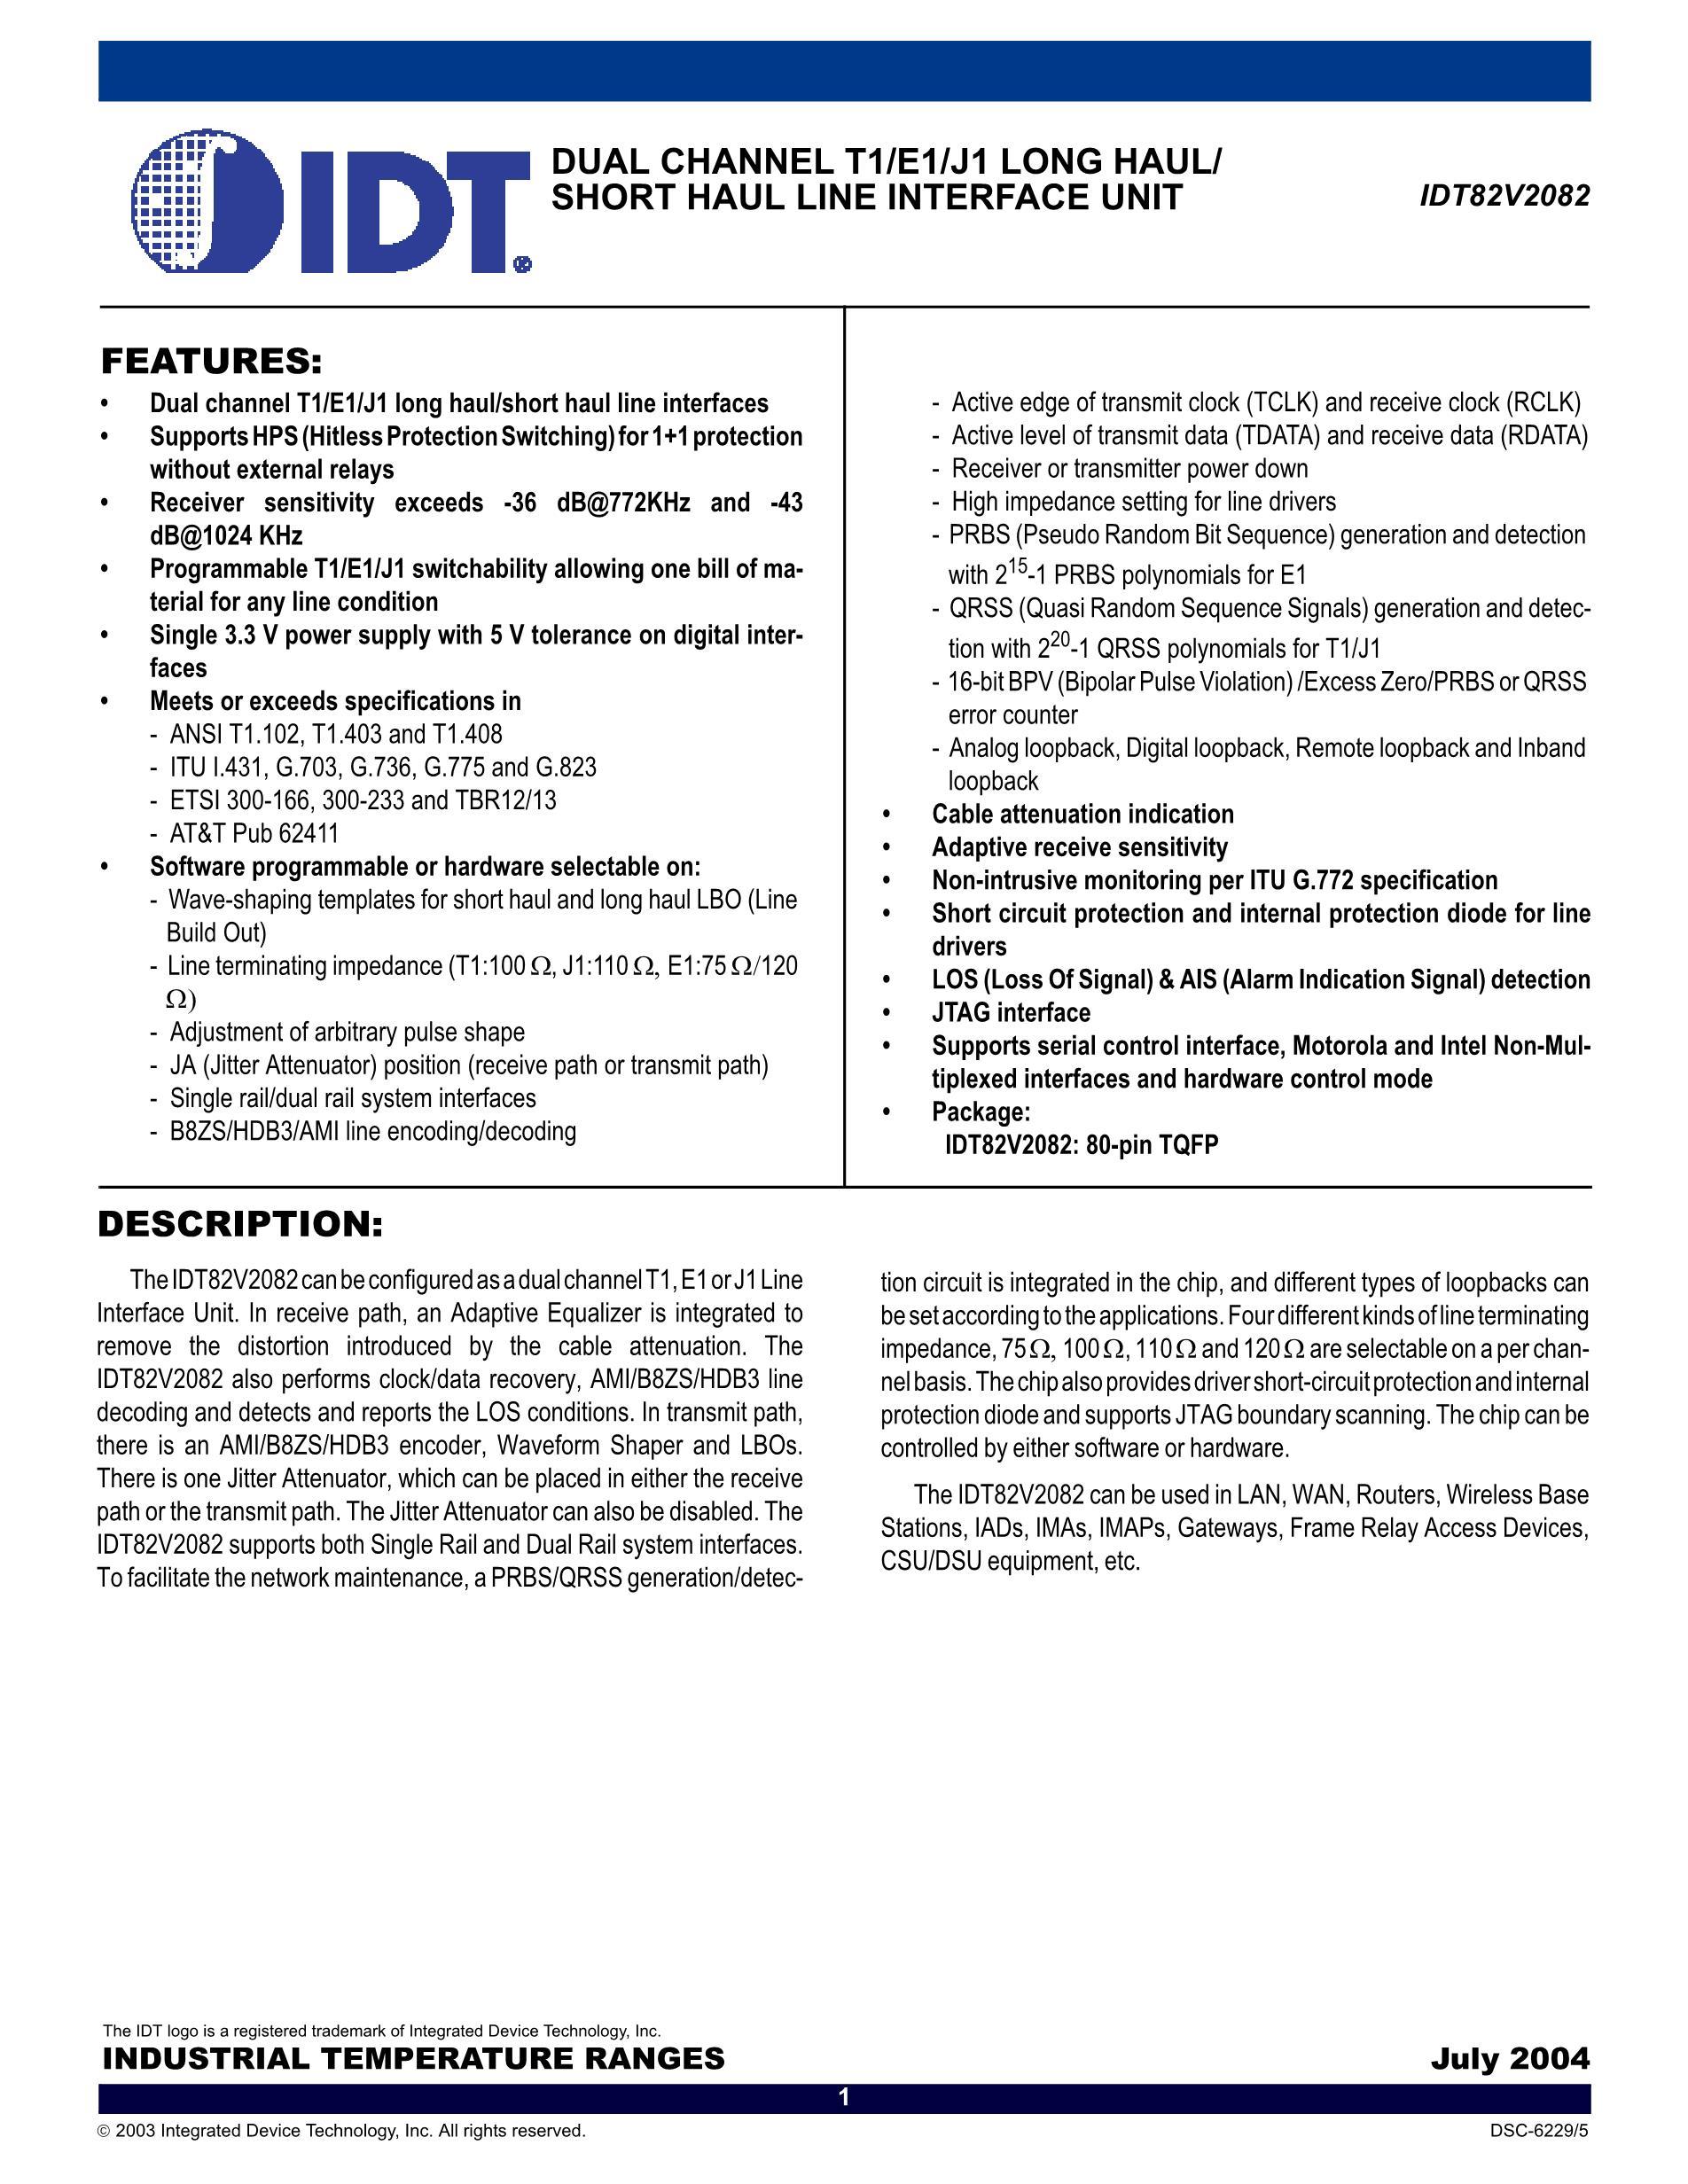 IDT85304-01PGGI's pdf picture 1